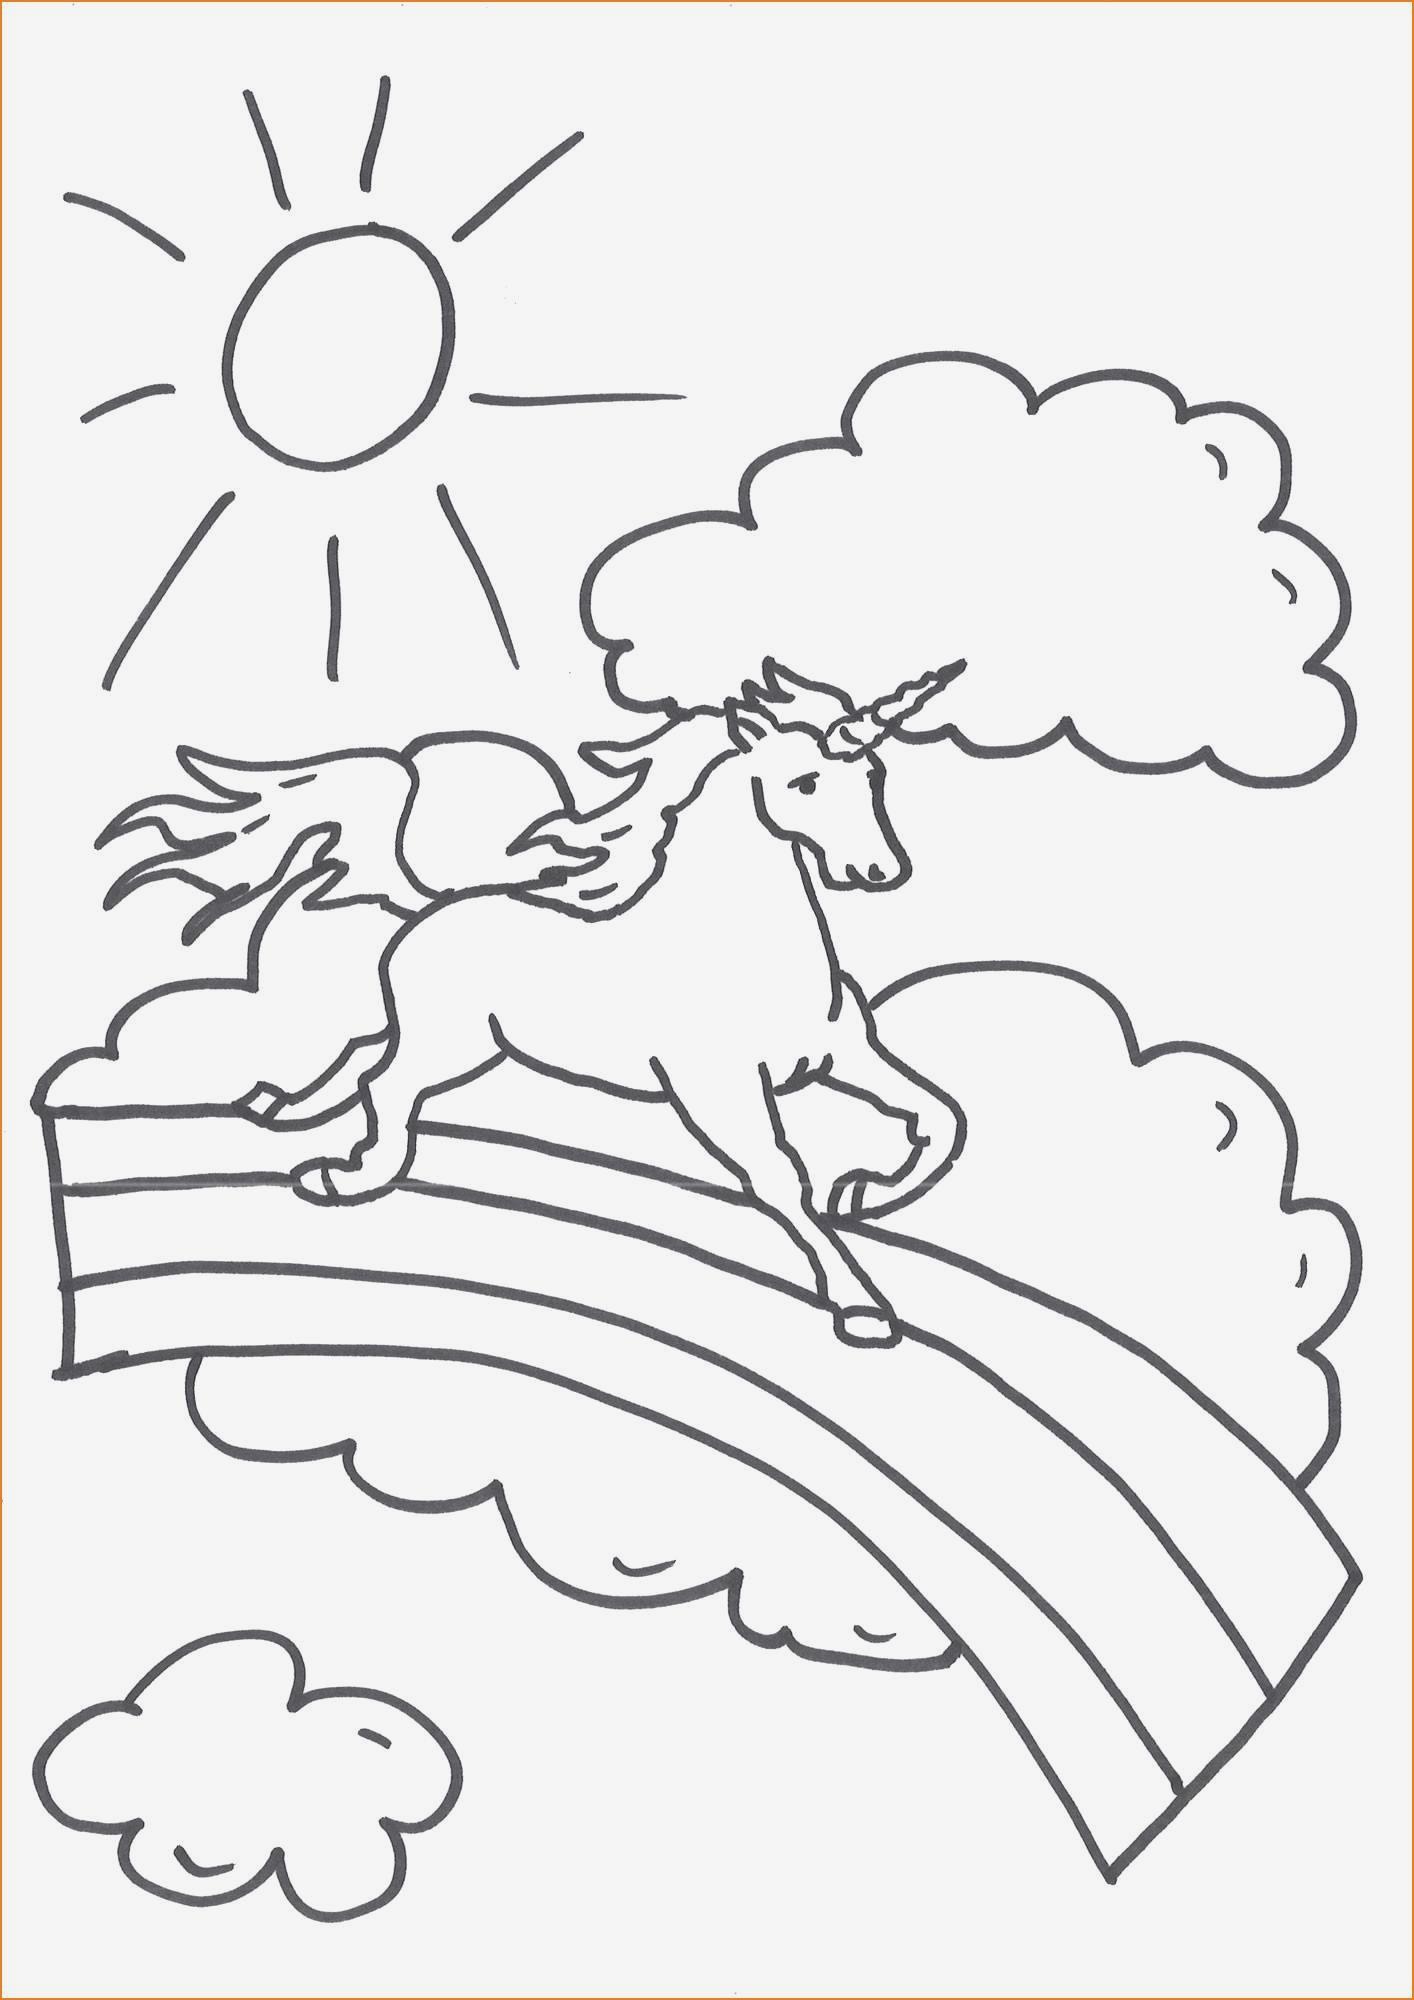 Ausmalbilder Prinzessin sofia Frisch Malvorlage Prinzessin Mit Einhorn Eine Sammlung Von Färbung Bilder Das Bild